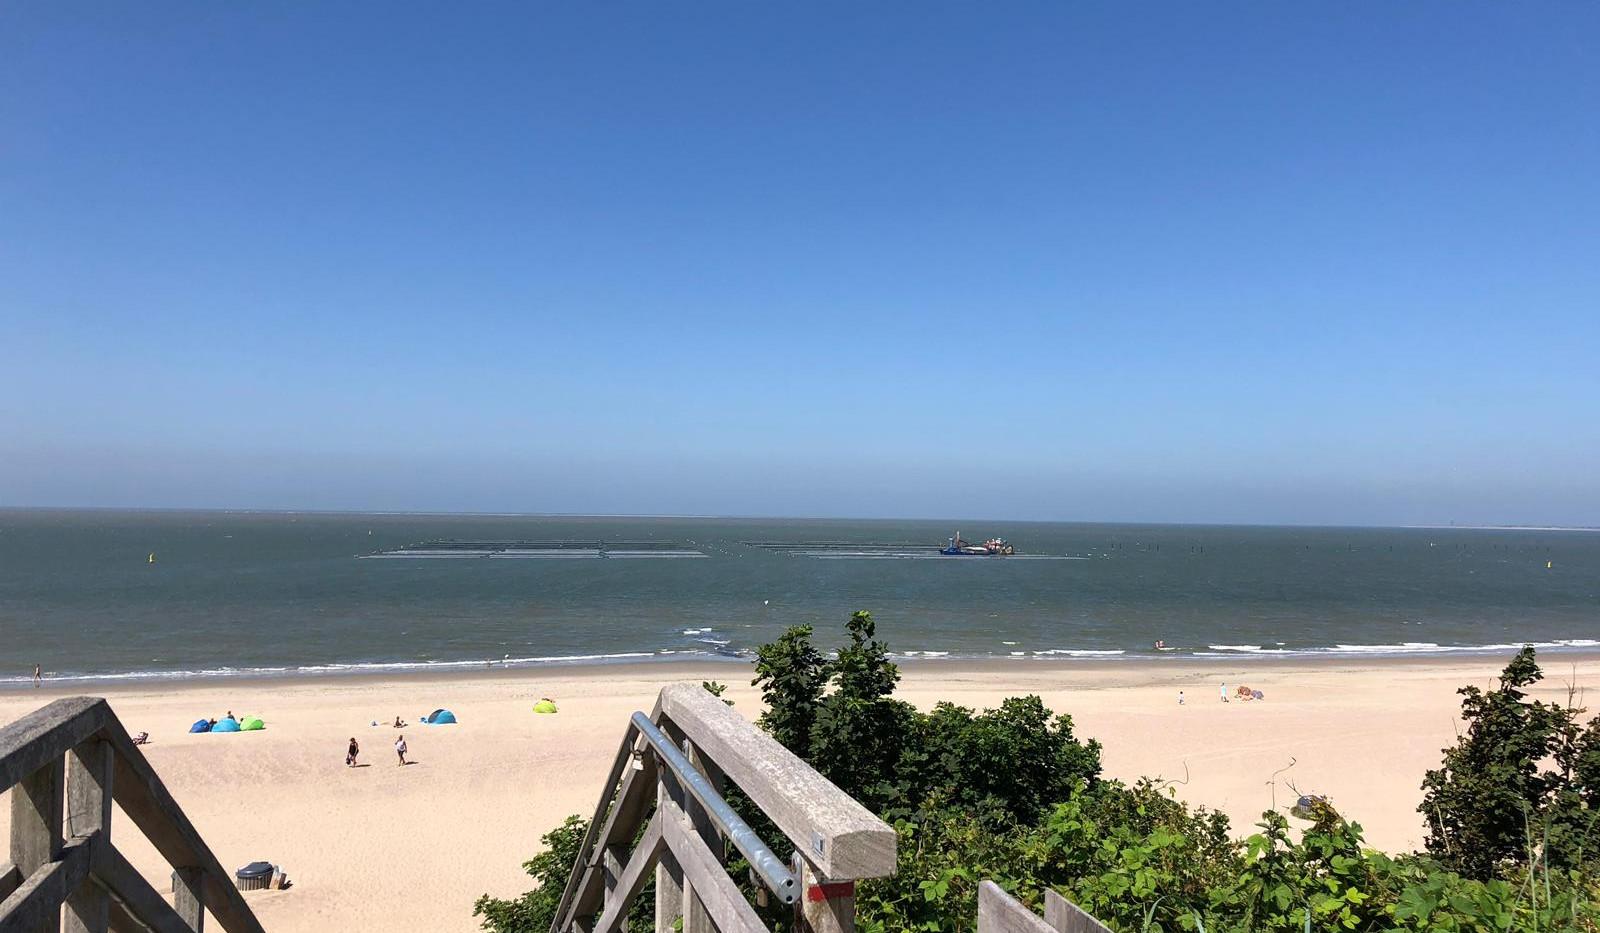 Strandopgang Westenschouwen